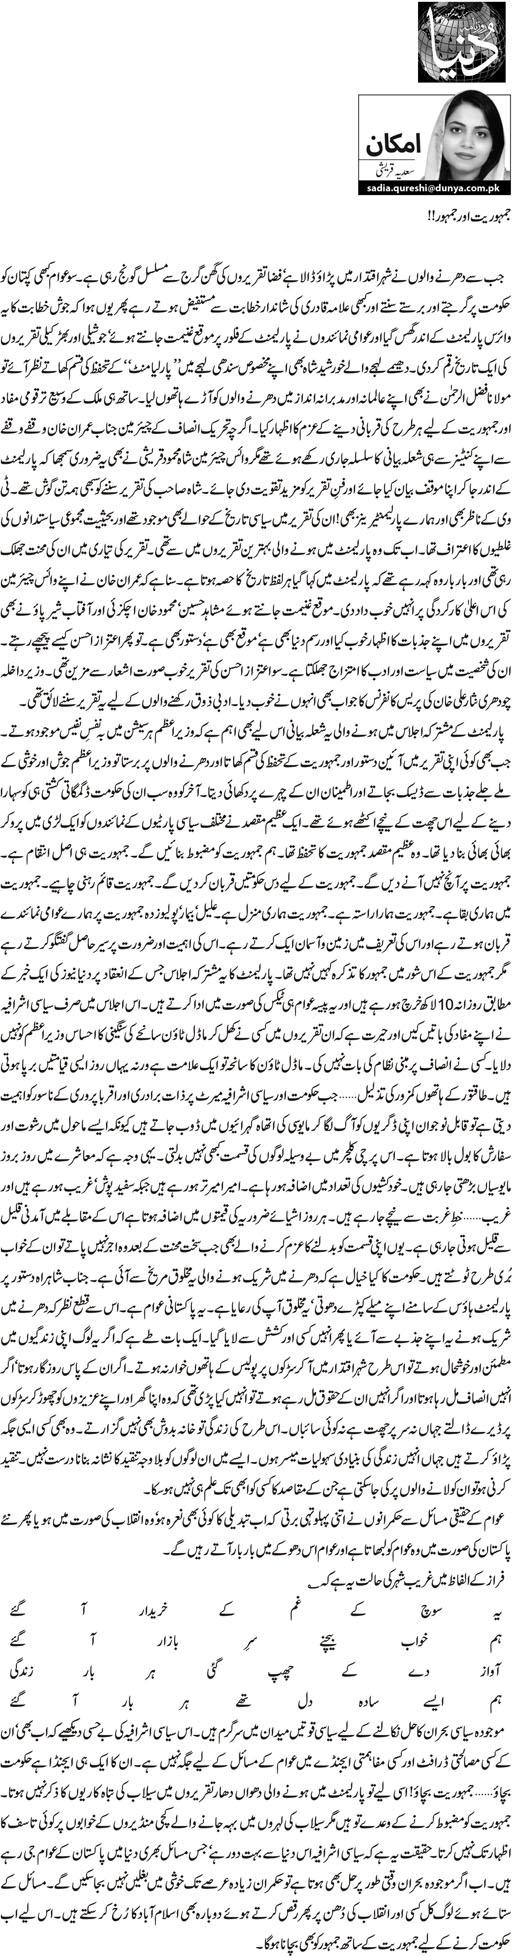 Print Media Coverage Daily Dunya - Sadia Qureshi